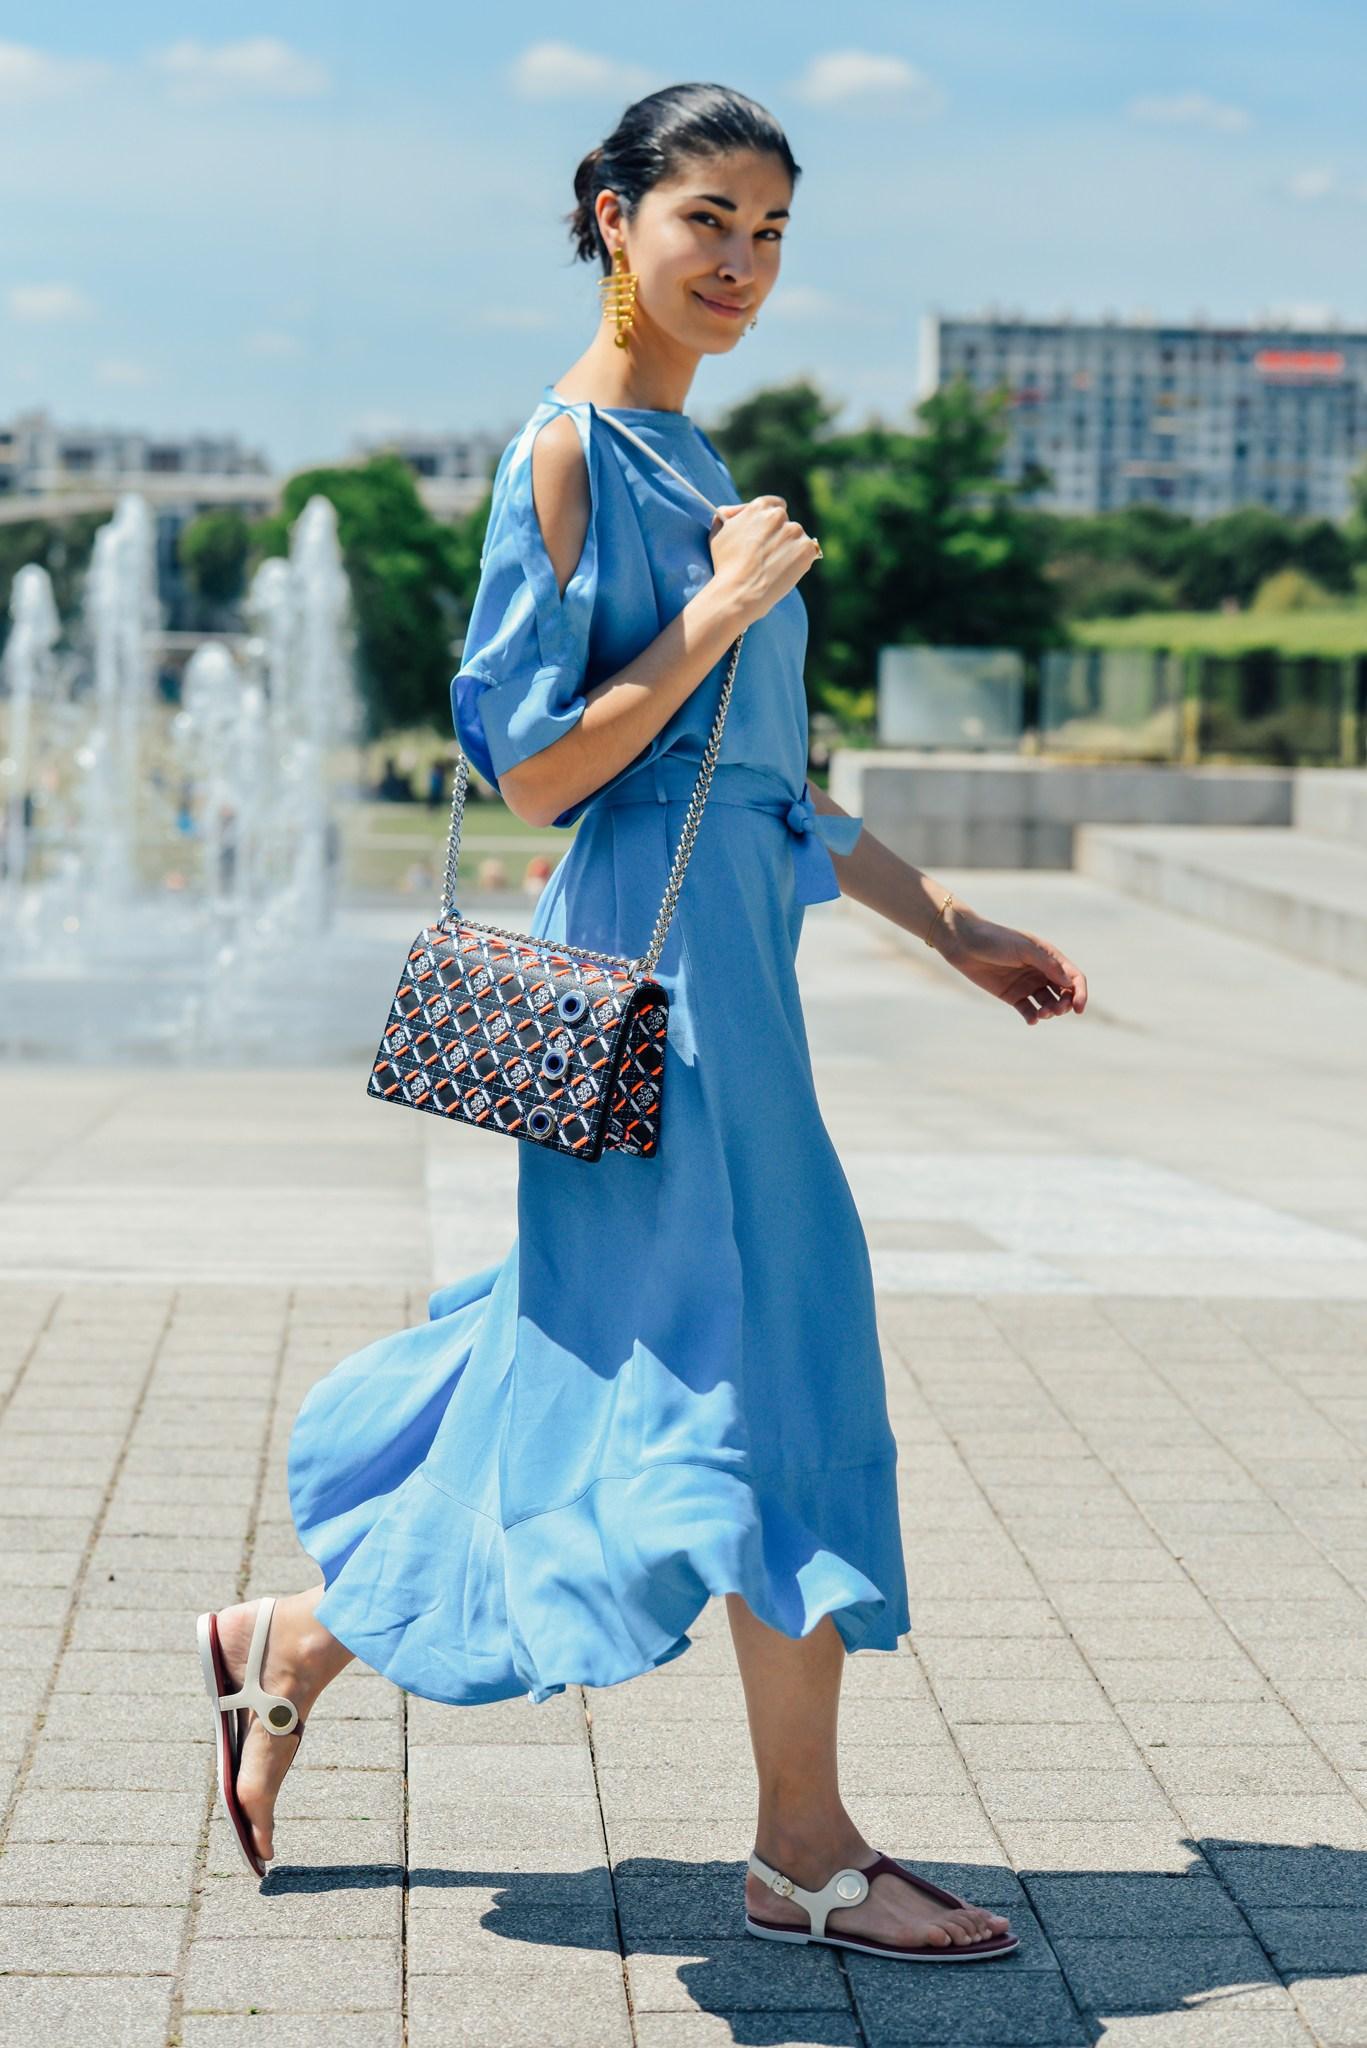 Một bộ đầm xanh dương cho một ngày trời xanh nắng vàng